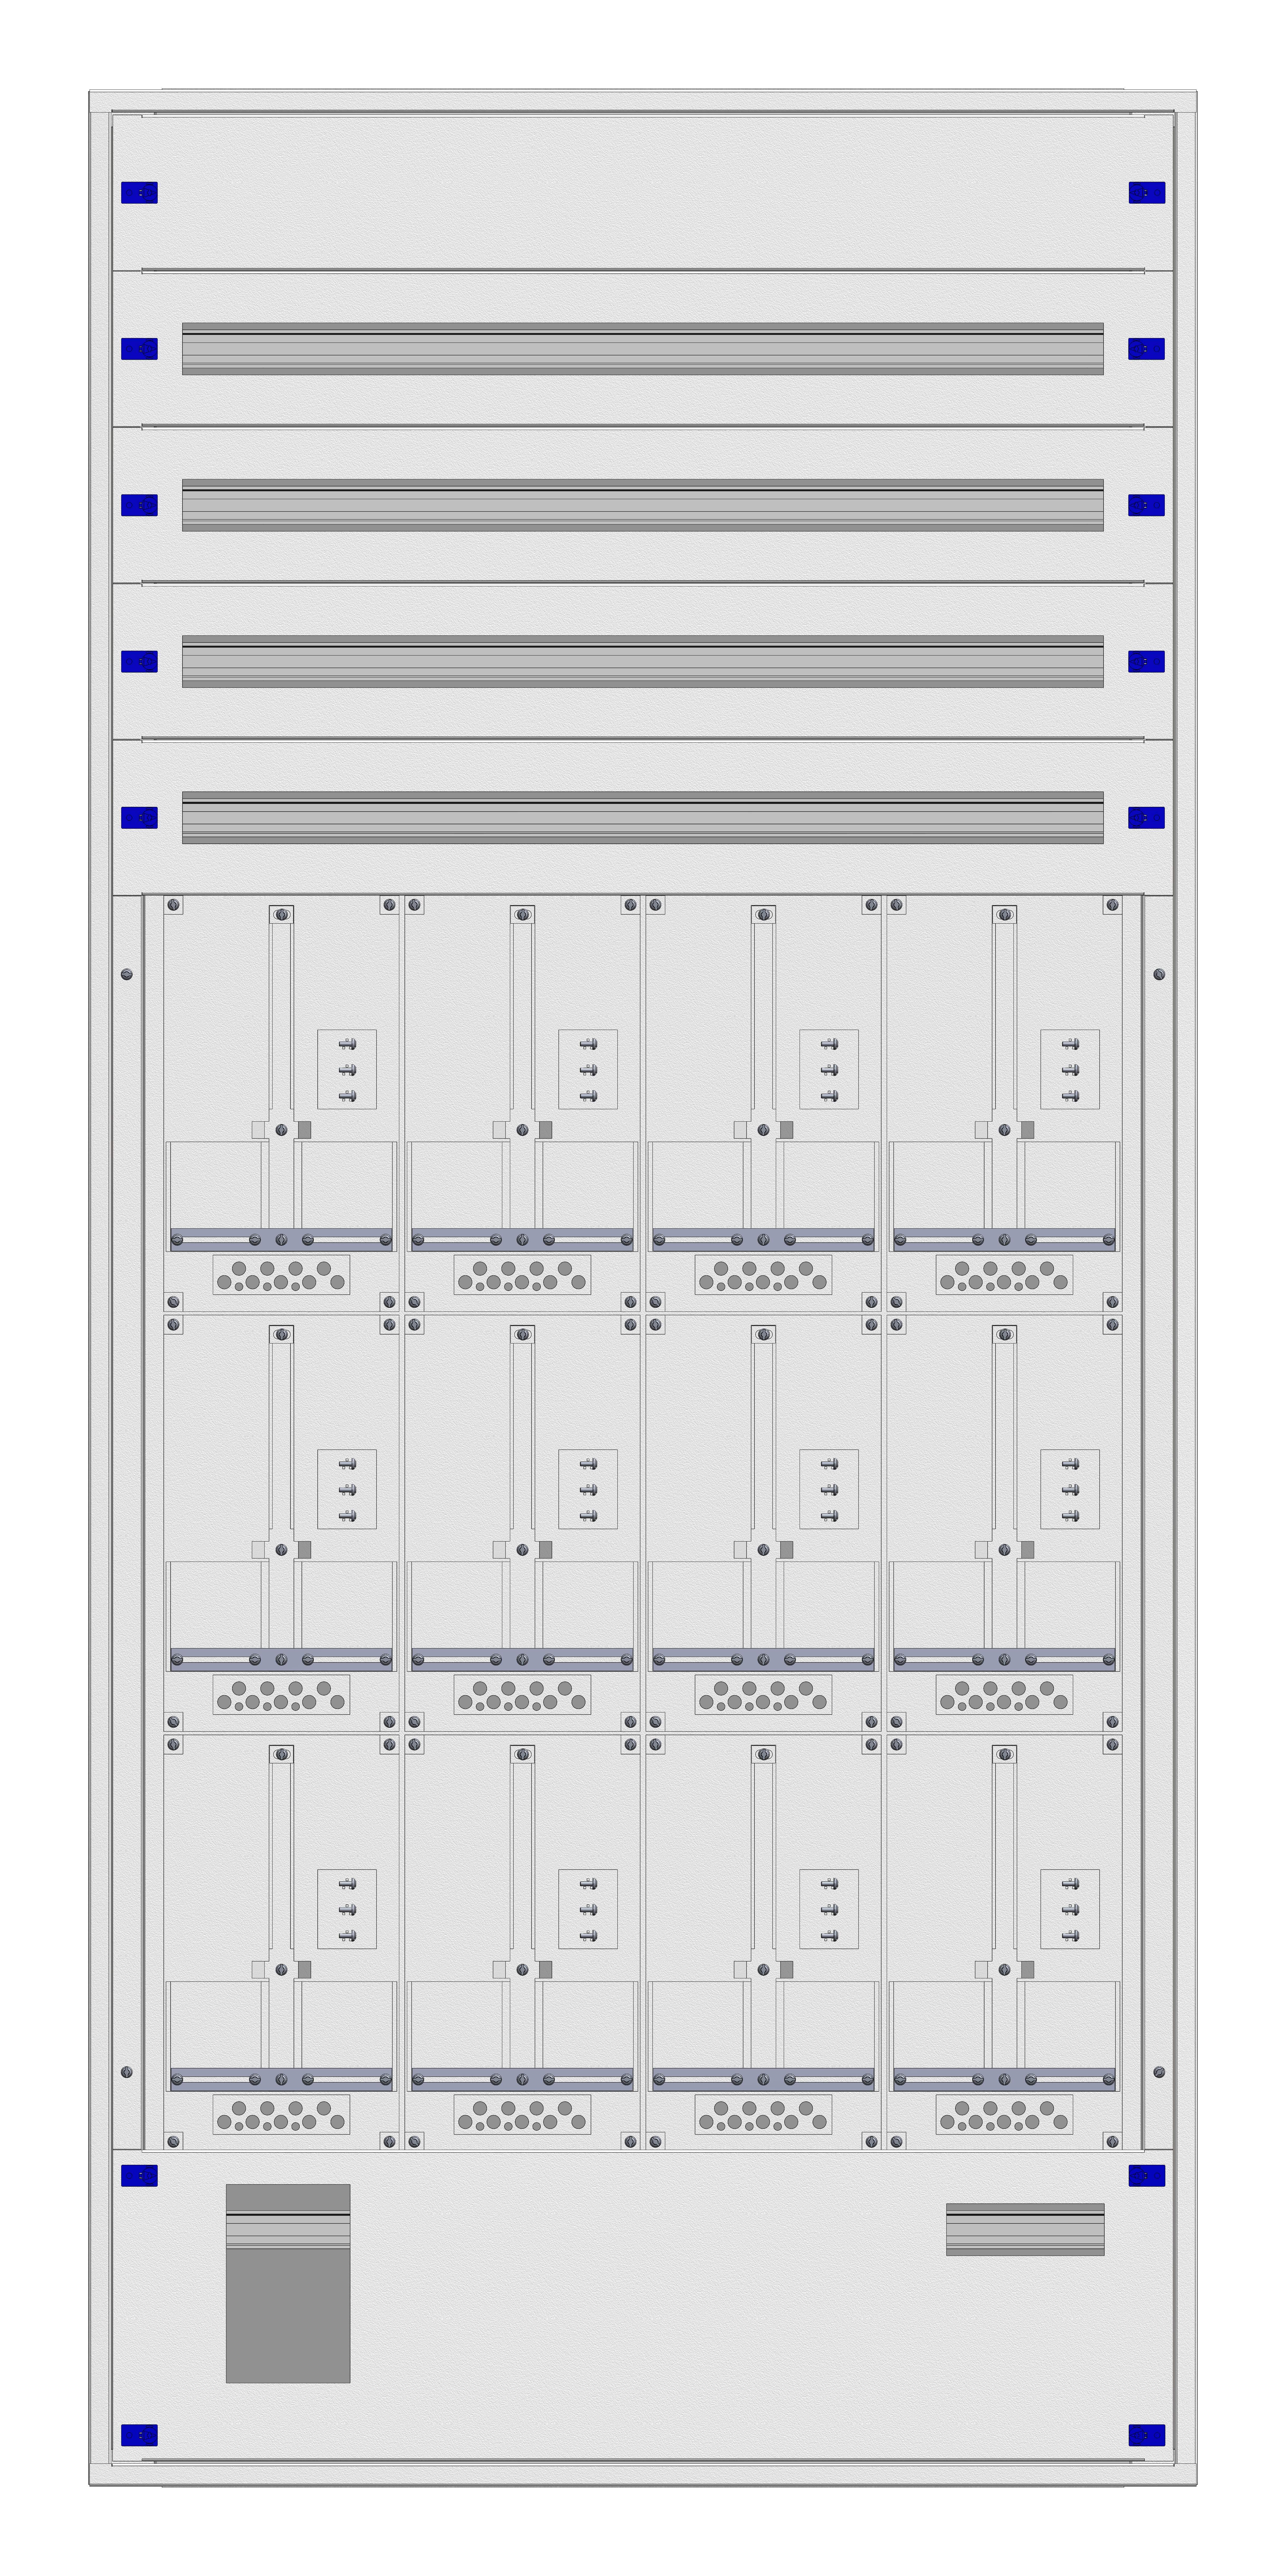 1 Stk Unterputz-Zählerverteiler 4U-45M/SBG 12ZP, H2160B1030T250mm IL170445SS